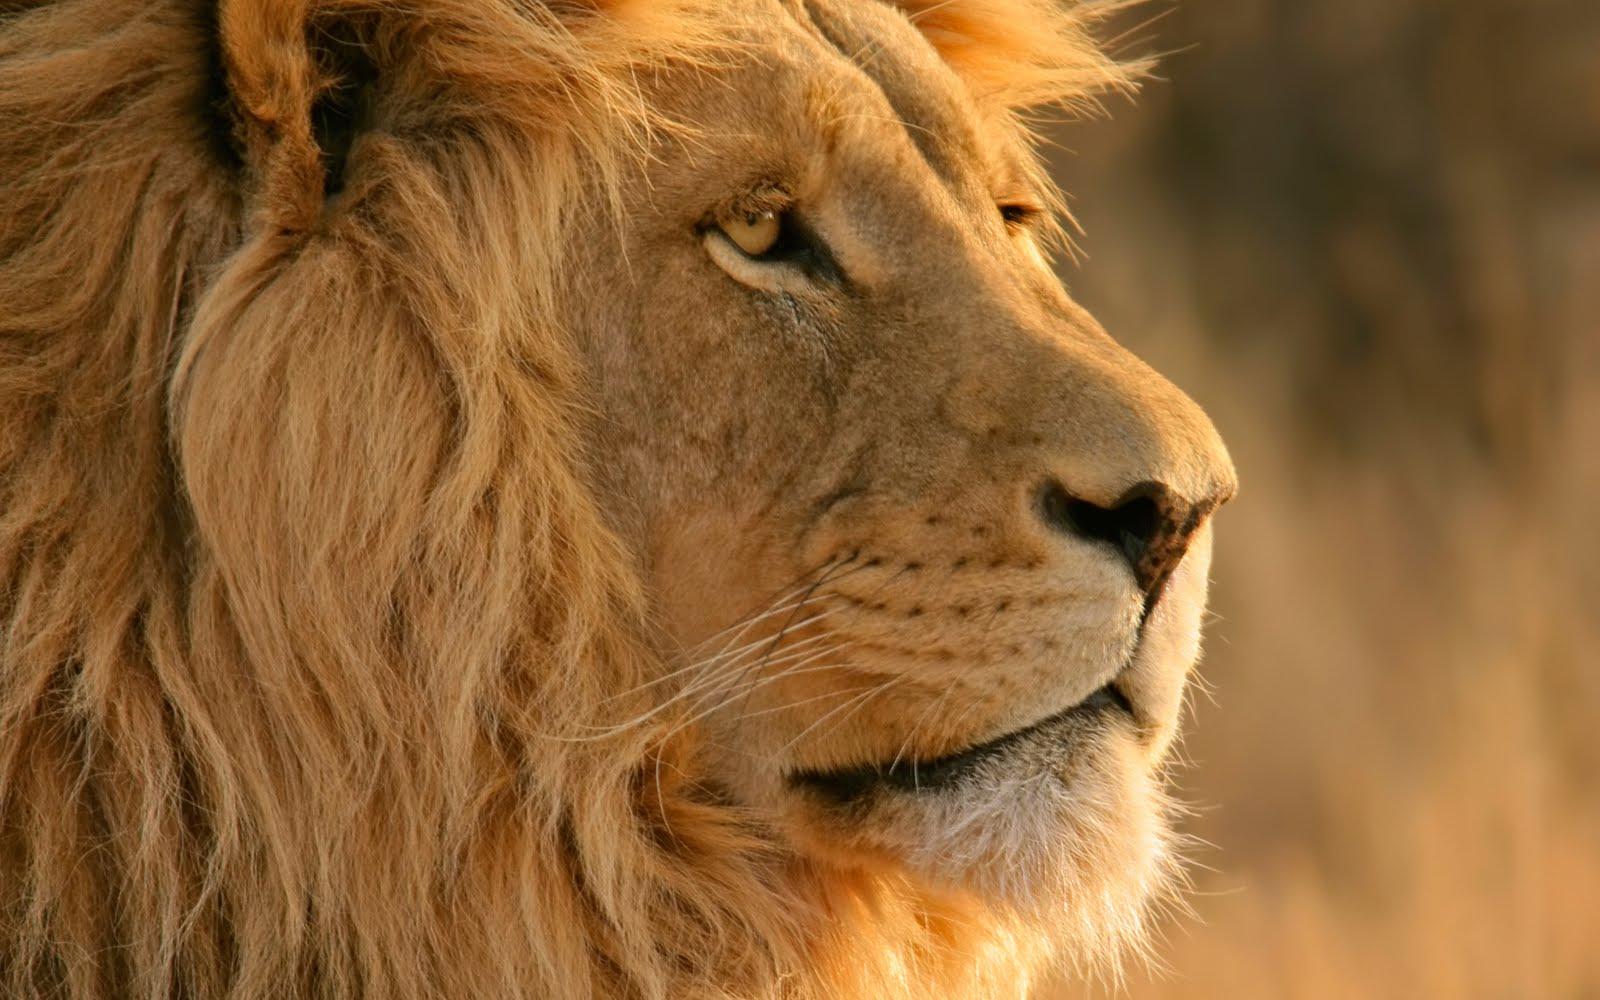 http://1.bp.blogspot.com/-OQUK7gtiXR4/TfOPw630_SI/AAAAAAAAAEY/MWIfkmr9Dg4/s1600/Lion.jpg